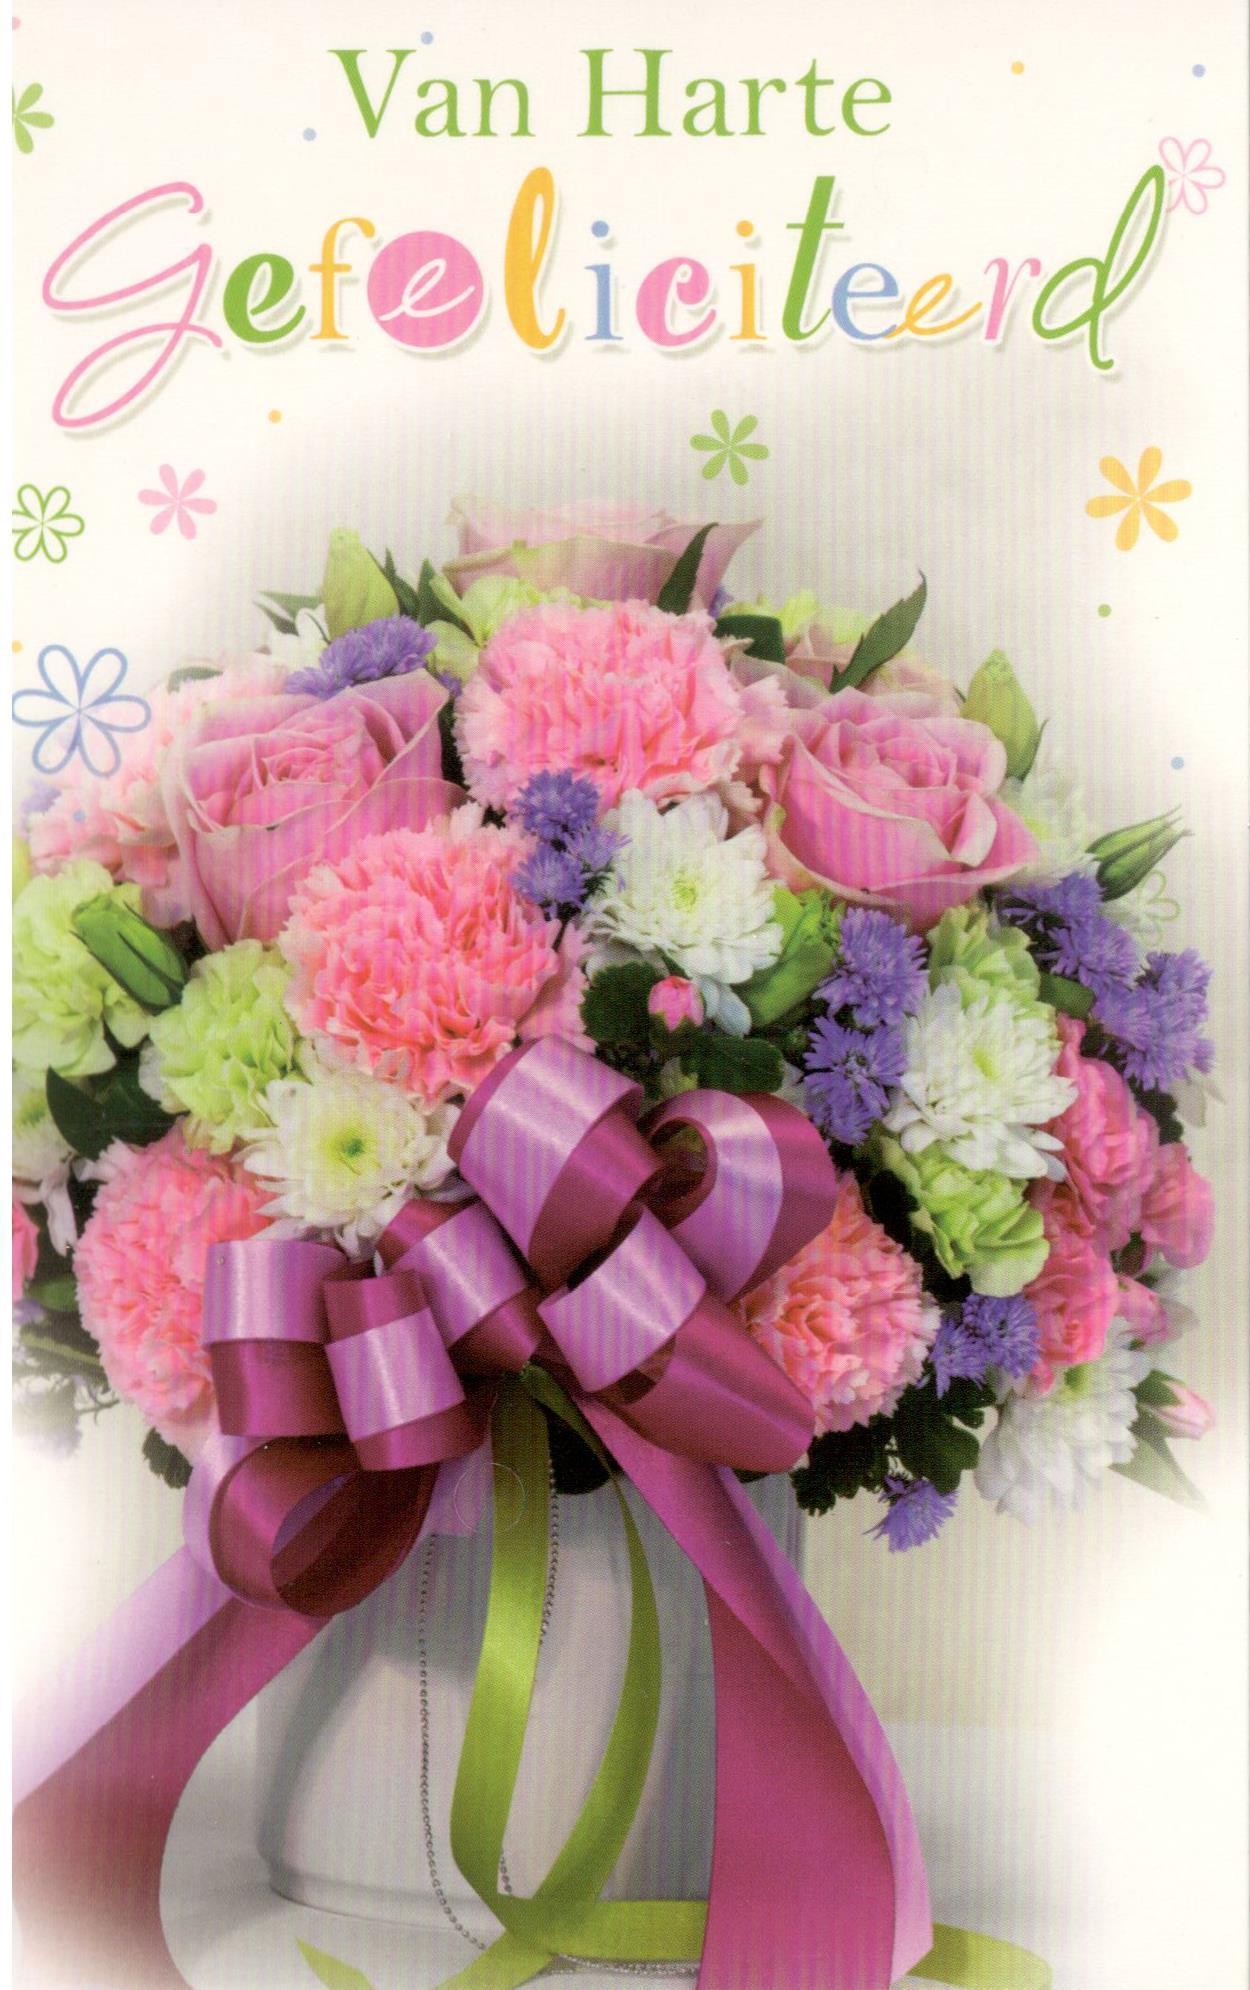 van harte gefeliciteerd bloemen Goedkope losse wenskaarten per set aankopen van harte gefeliciteerd bloemen